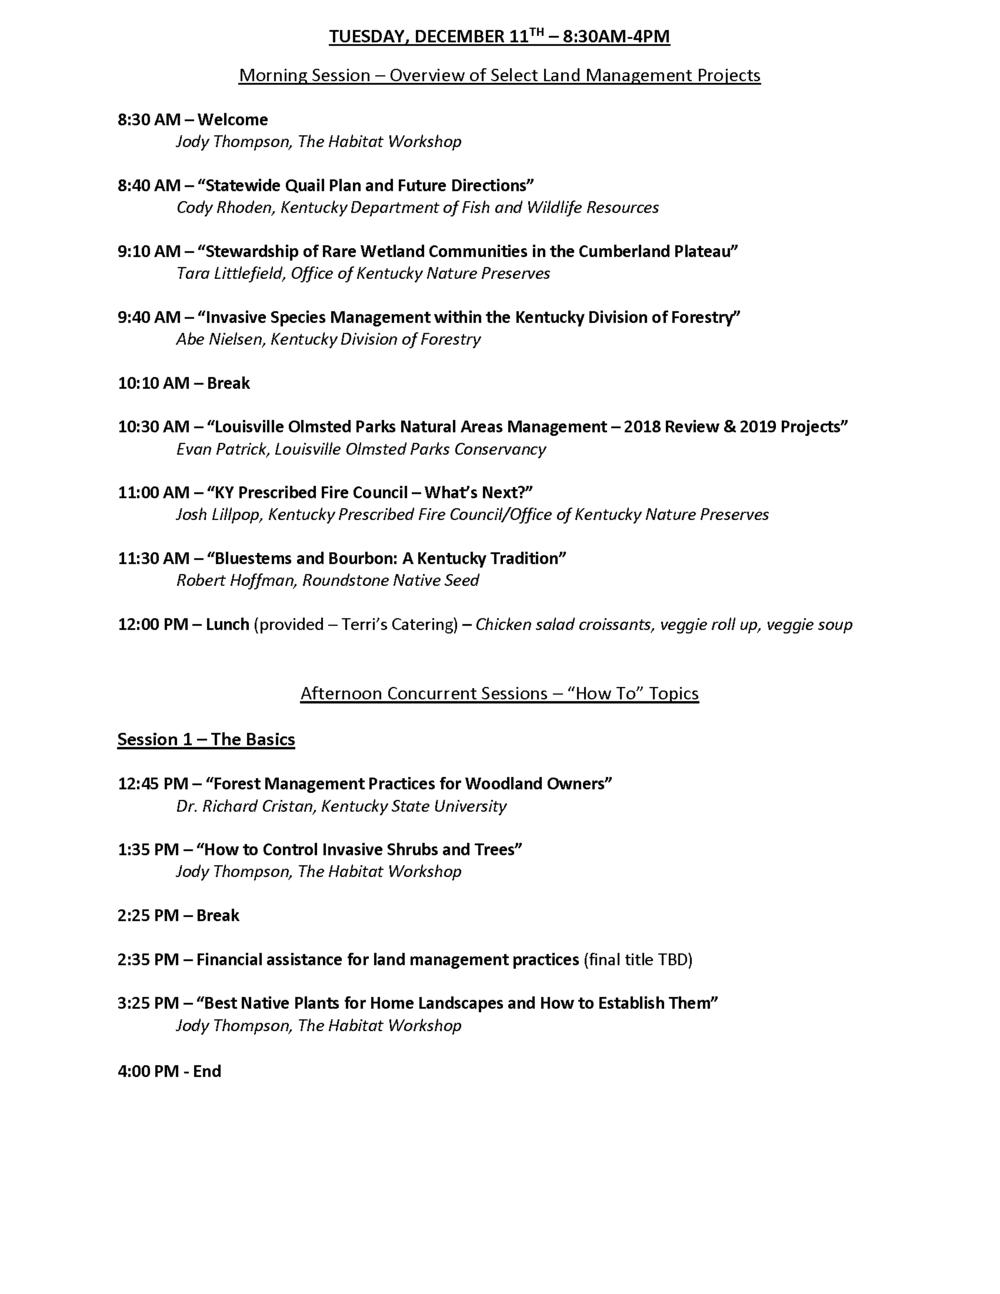 Symposium Agenda - Copy_Page_2.png